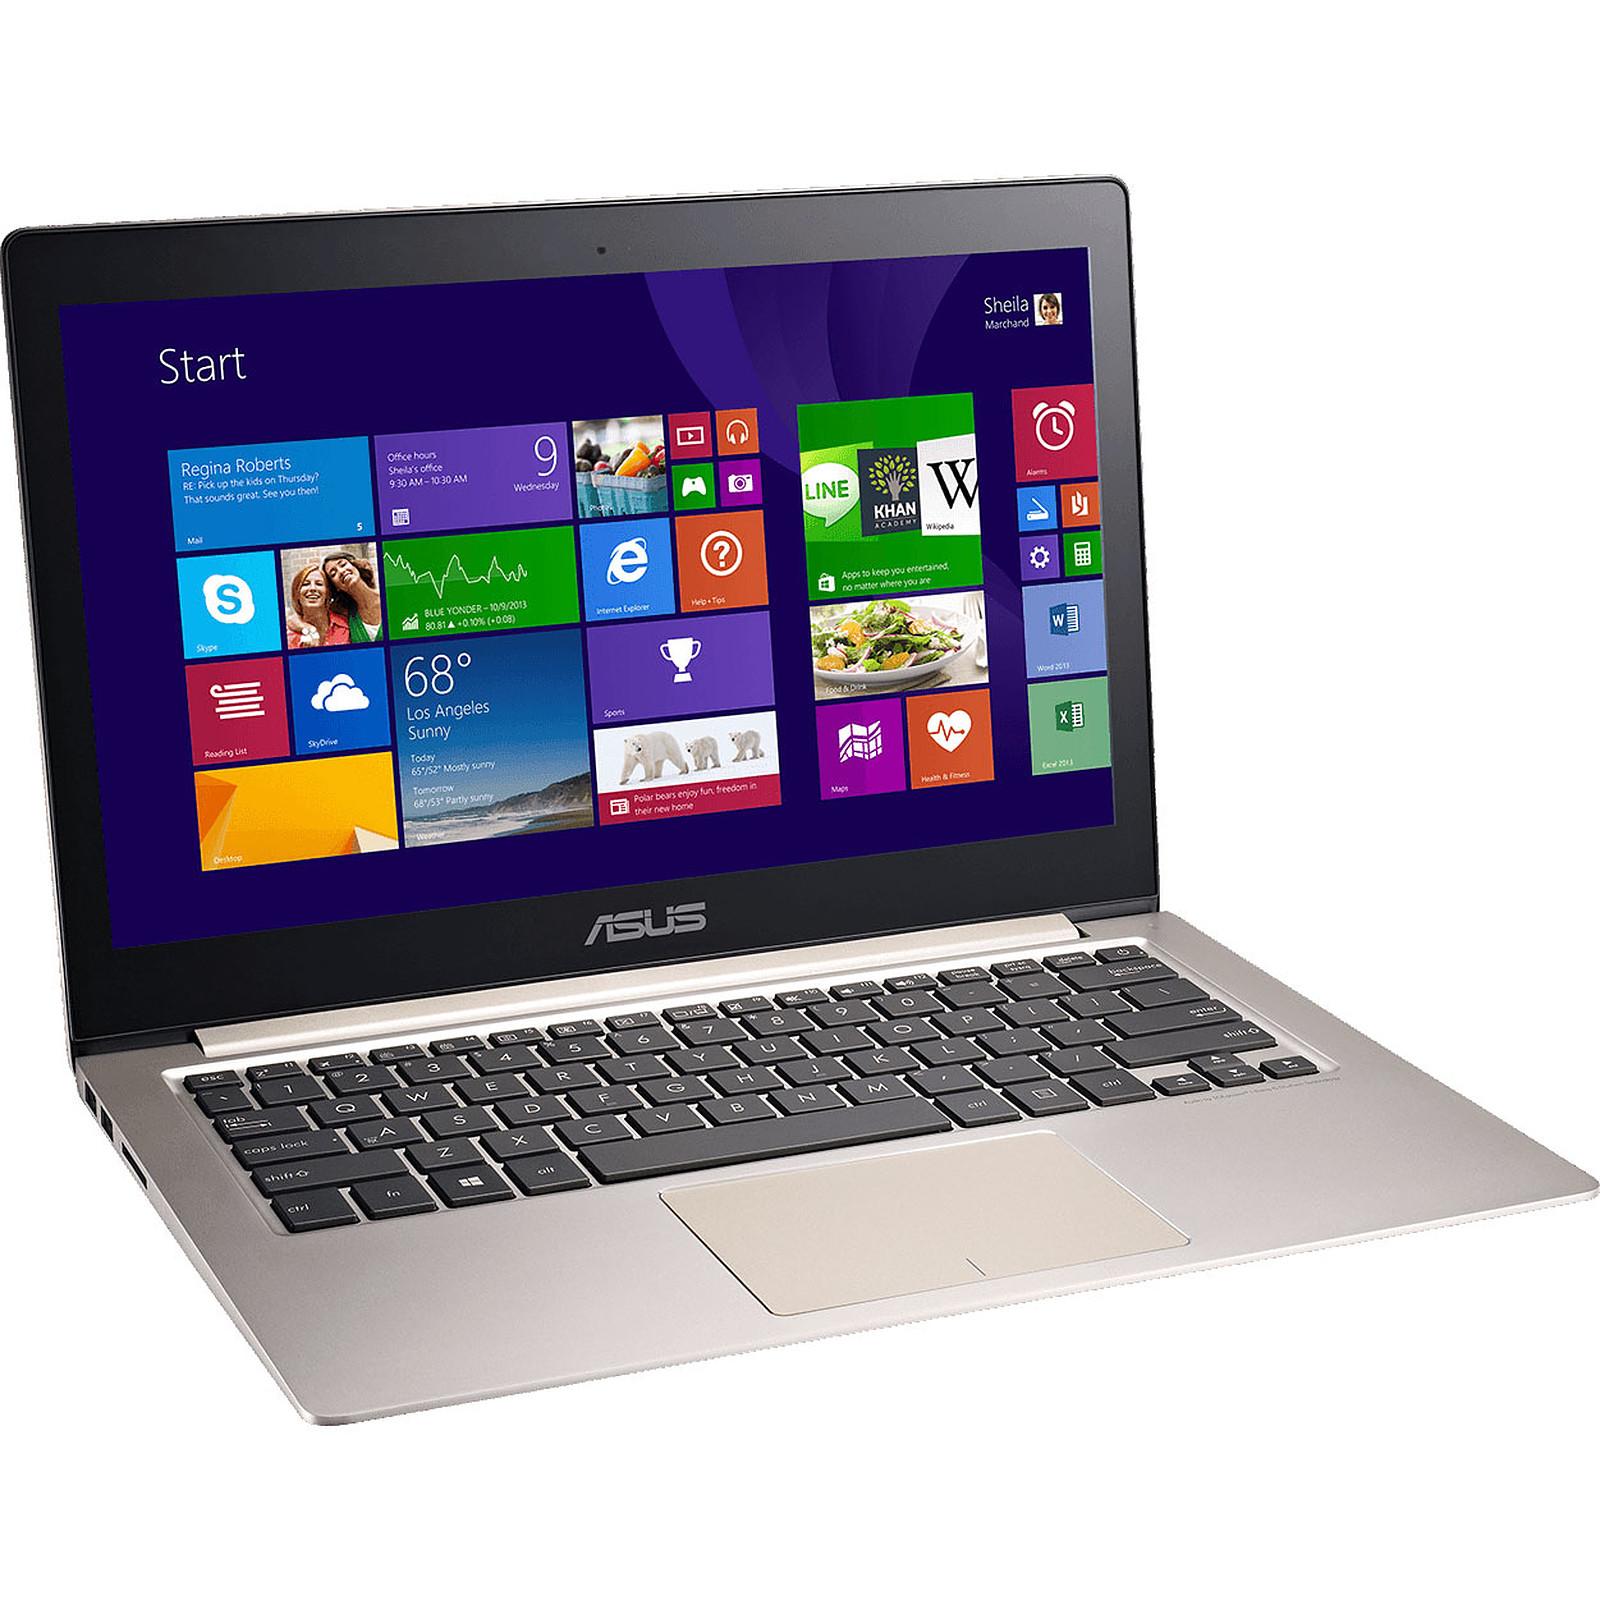 ASUS Zenbook UX303UA-R4196T